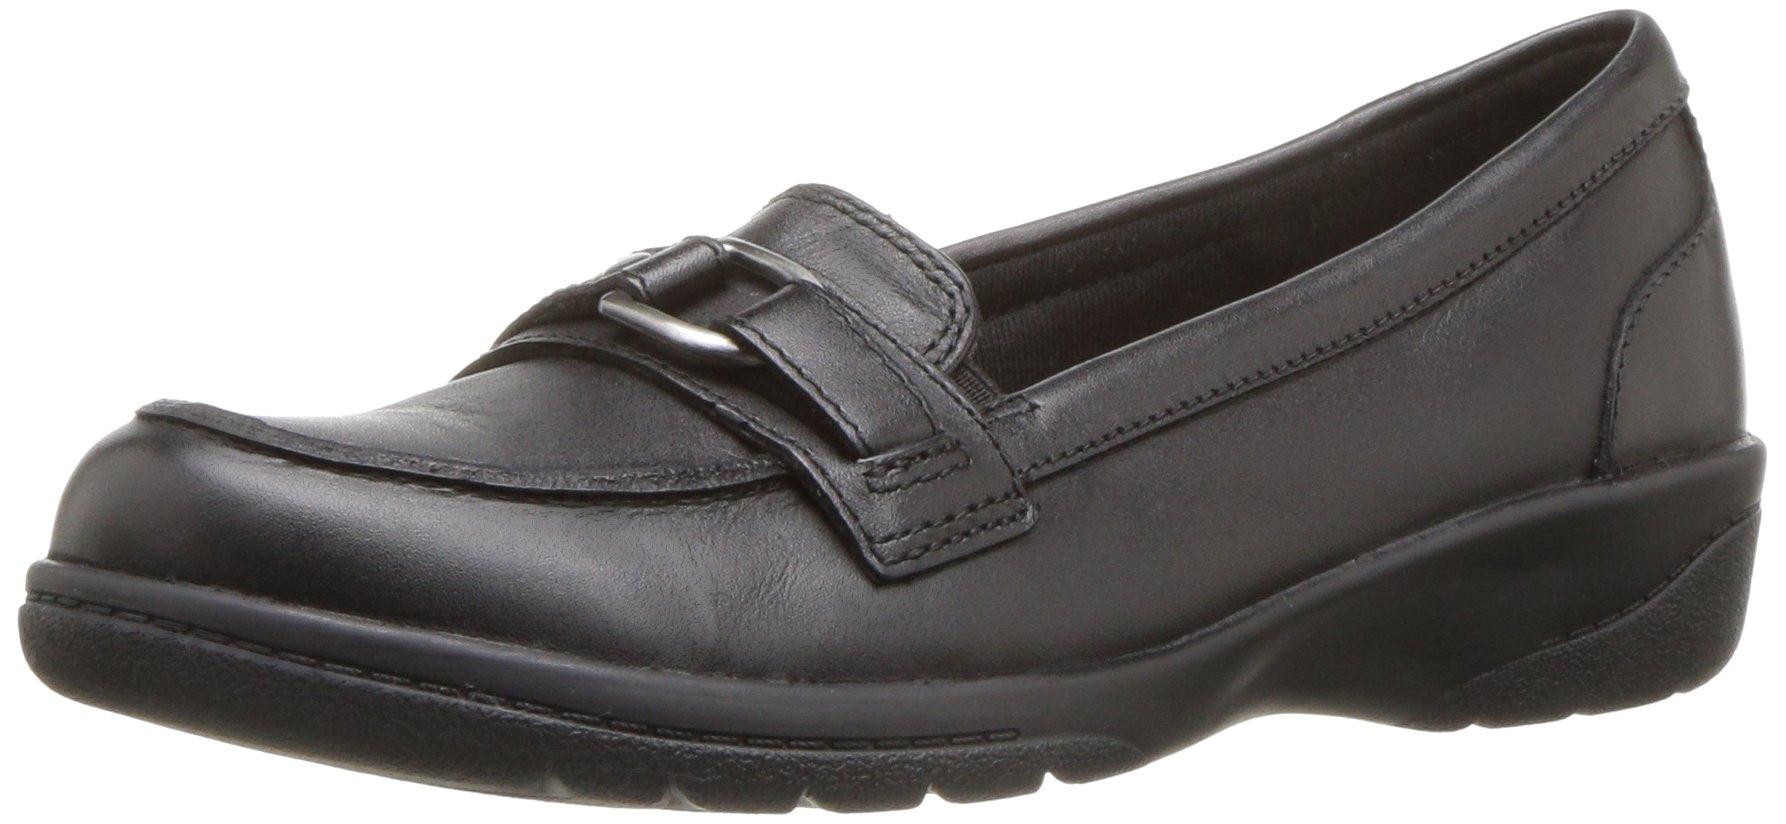 CLARKS Women's Cheyn Marie Slip-on Loafer, Black Leather, 11 M US